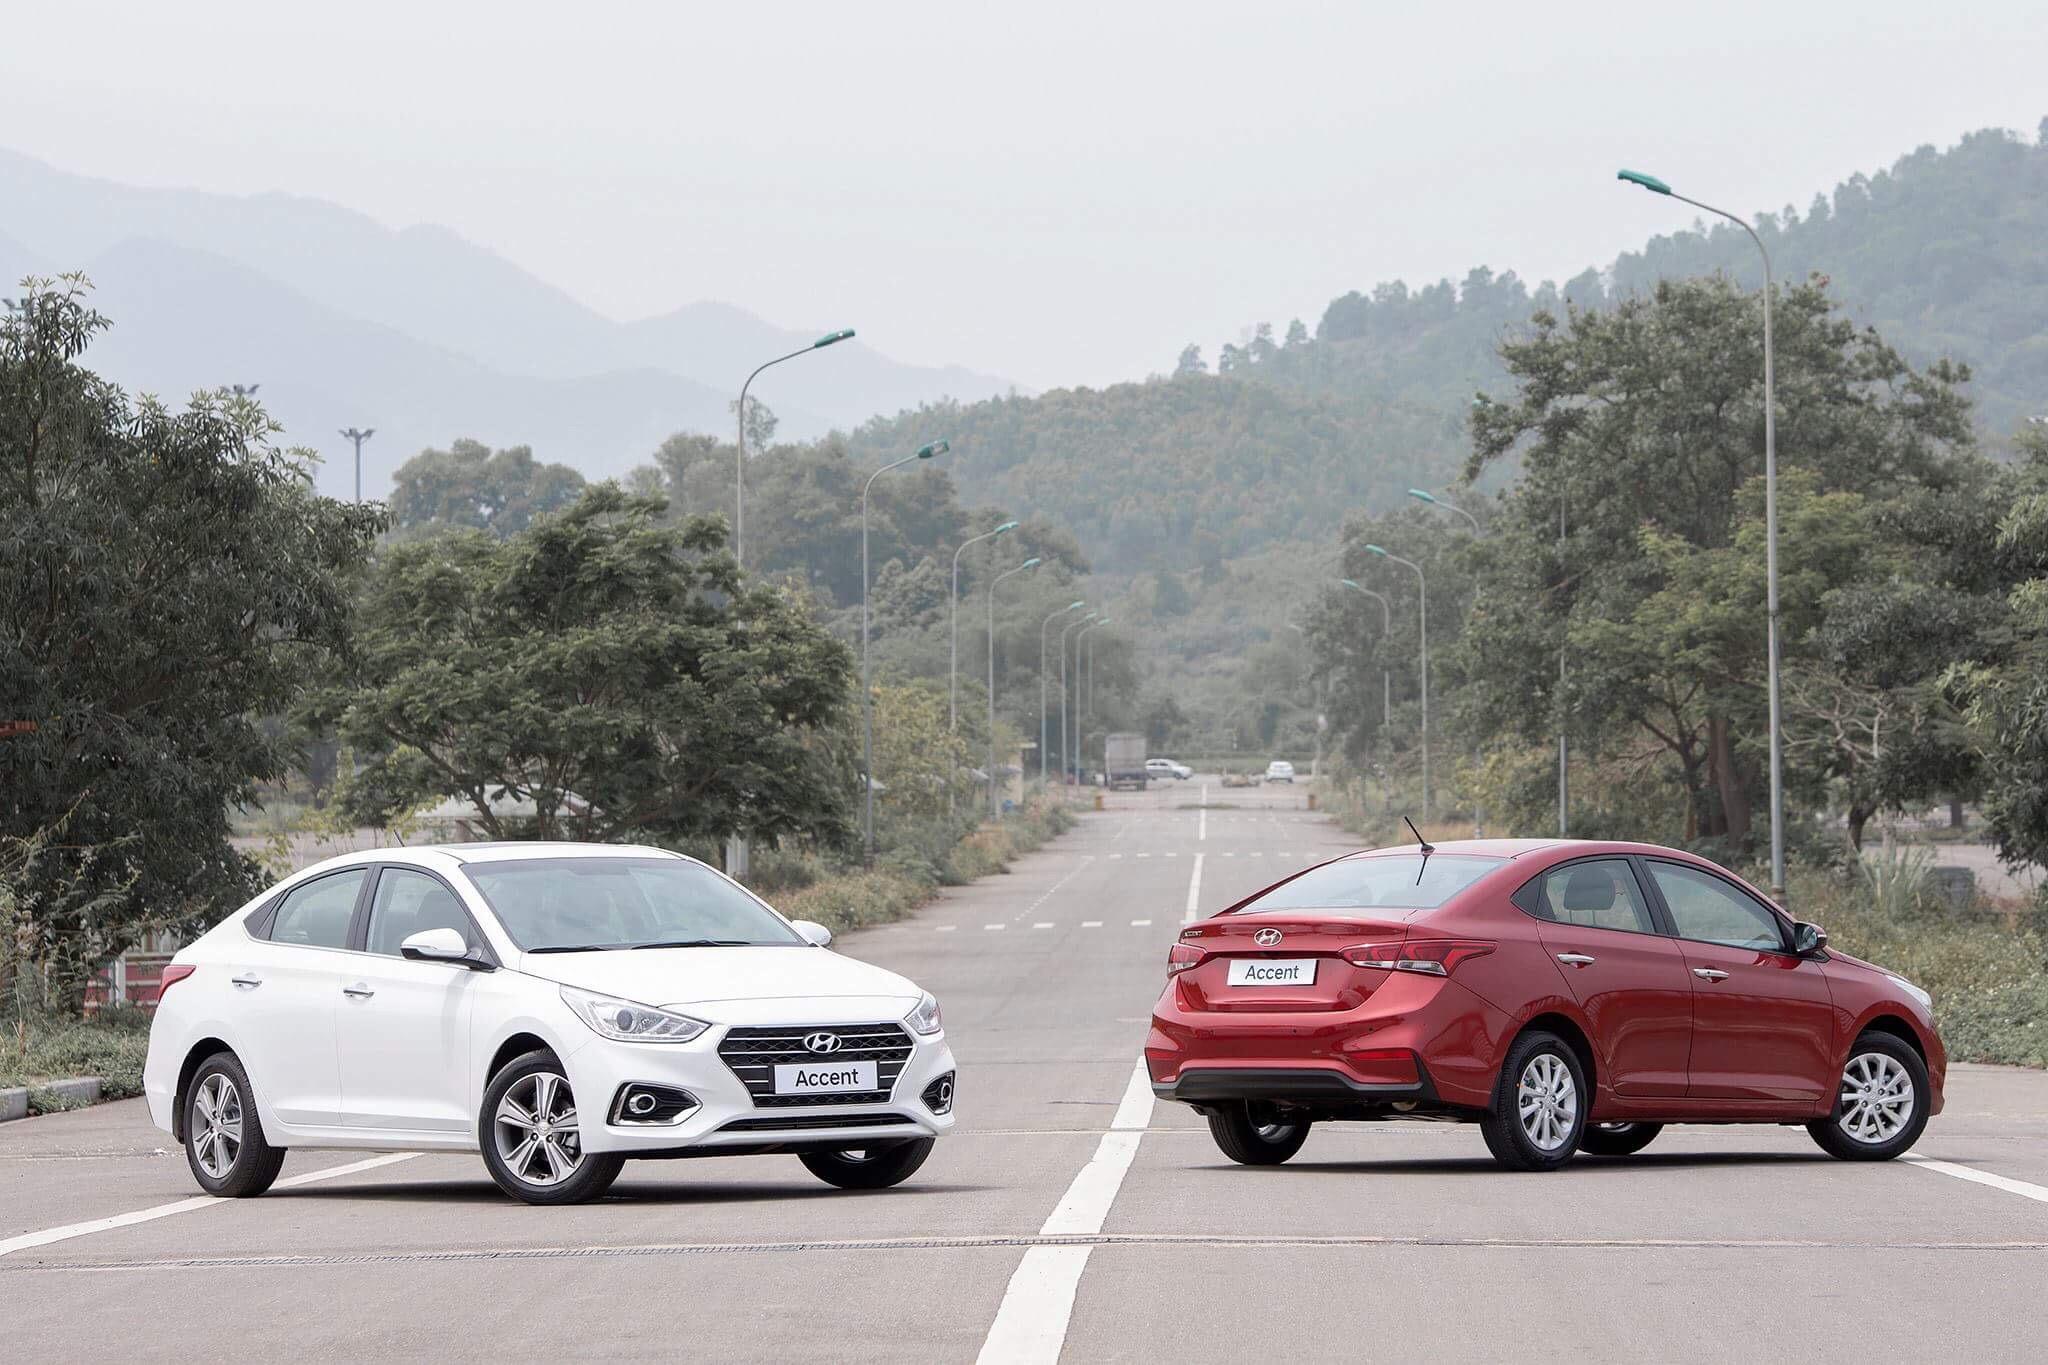 Hyundai accent anh 9 - Hyundai Accent mới: giá xe và khuyến mãi tháng [hienthithang]/[hienthinam]